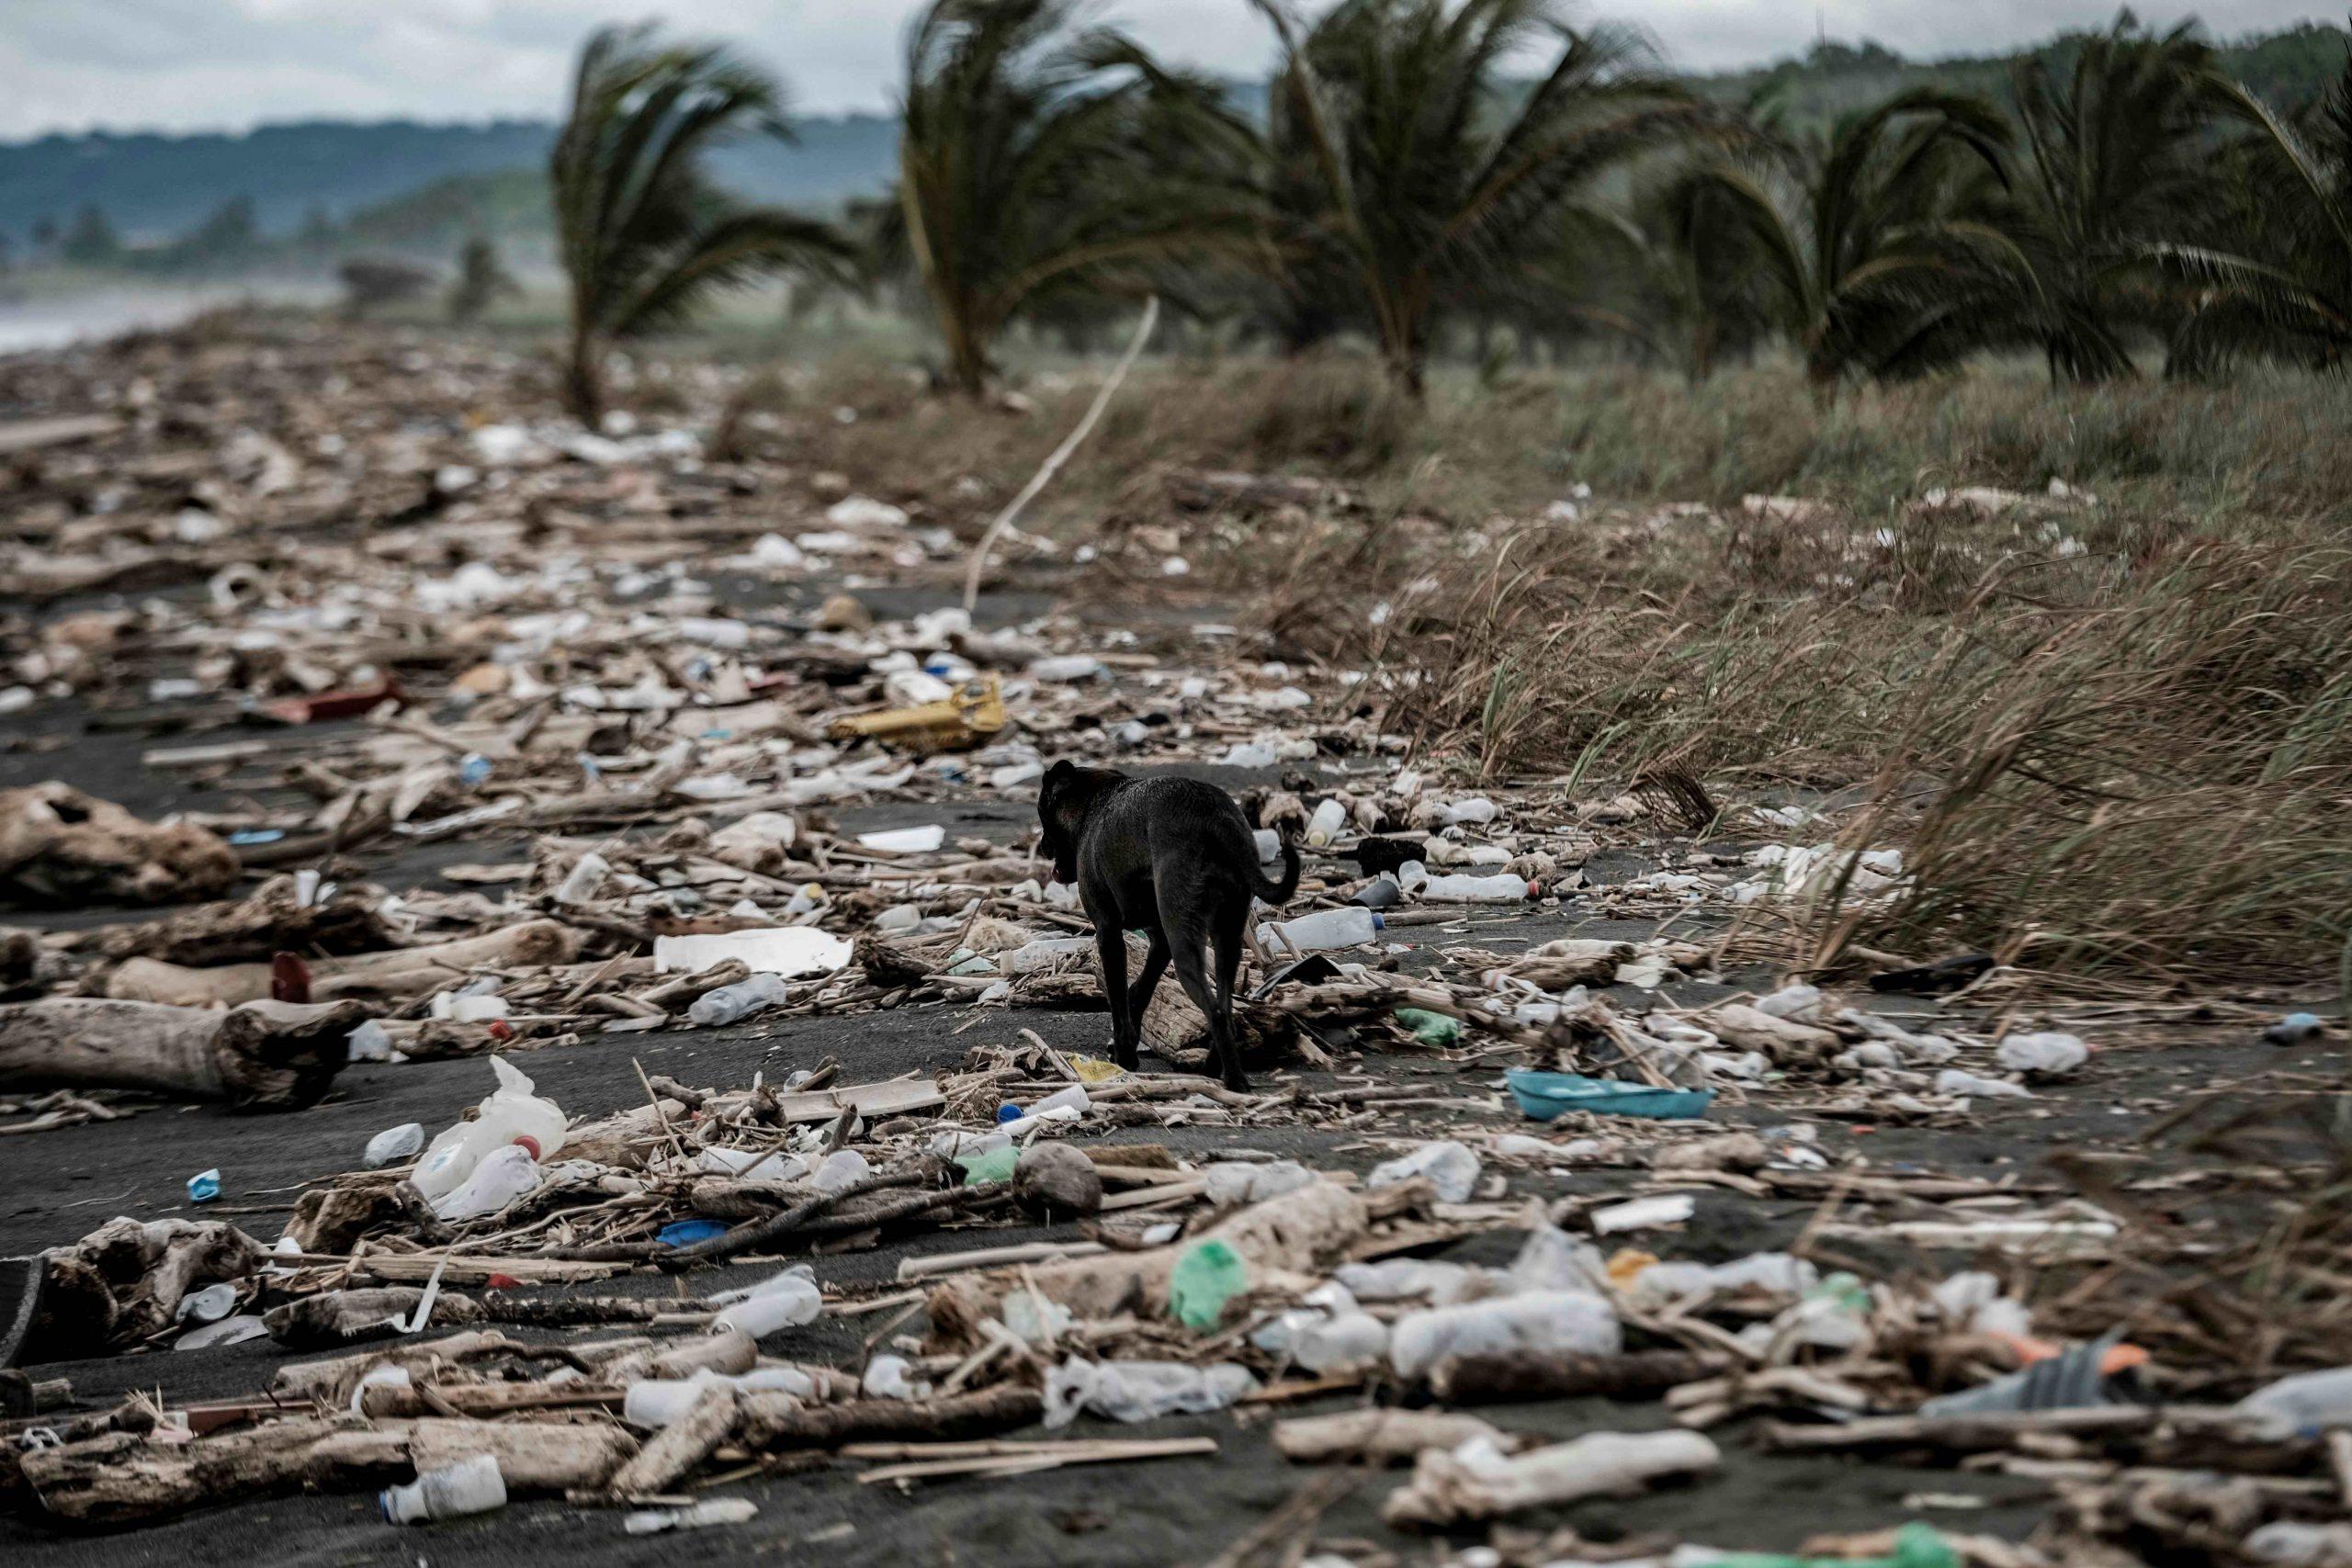 un arma contra el cambio climático - Prensa Libre